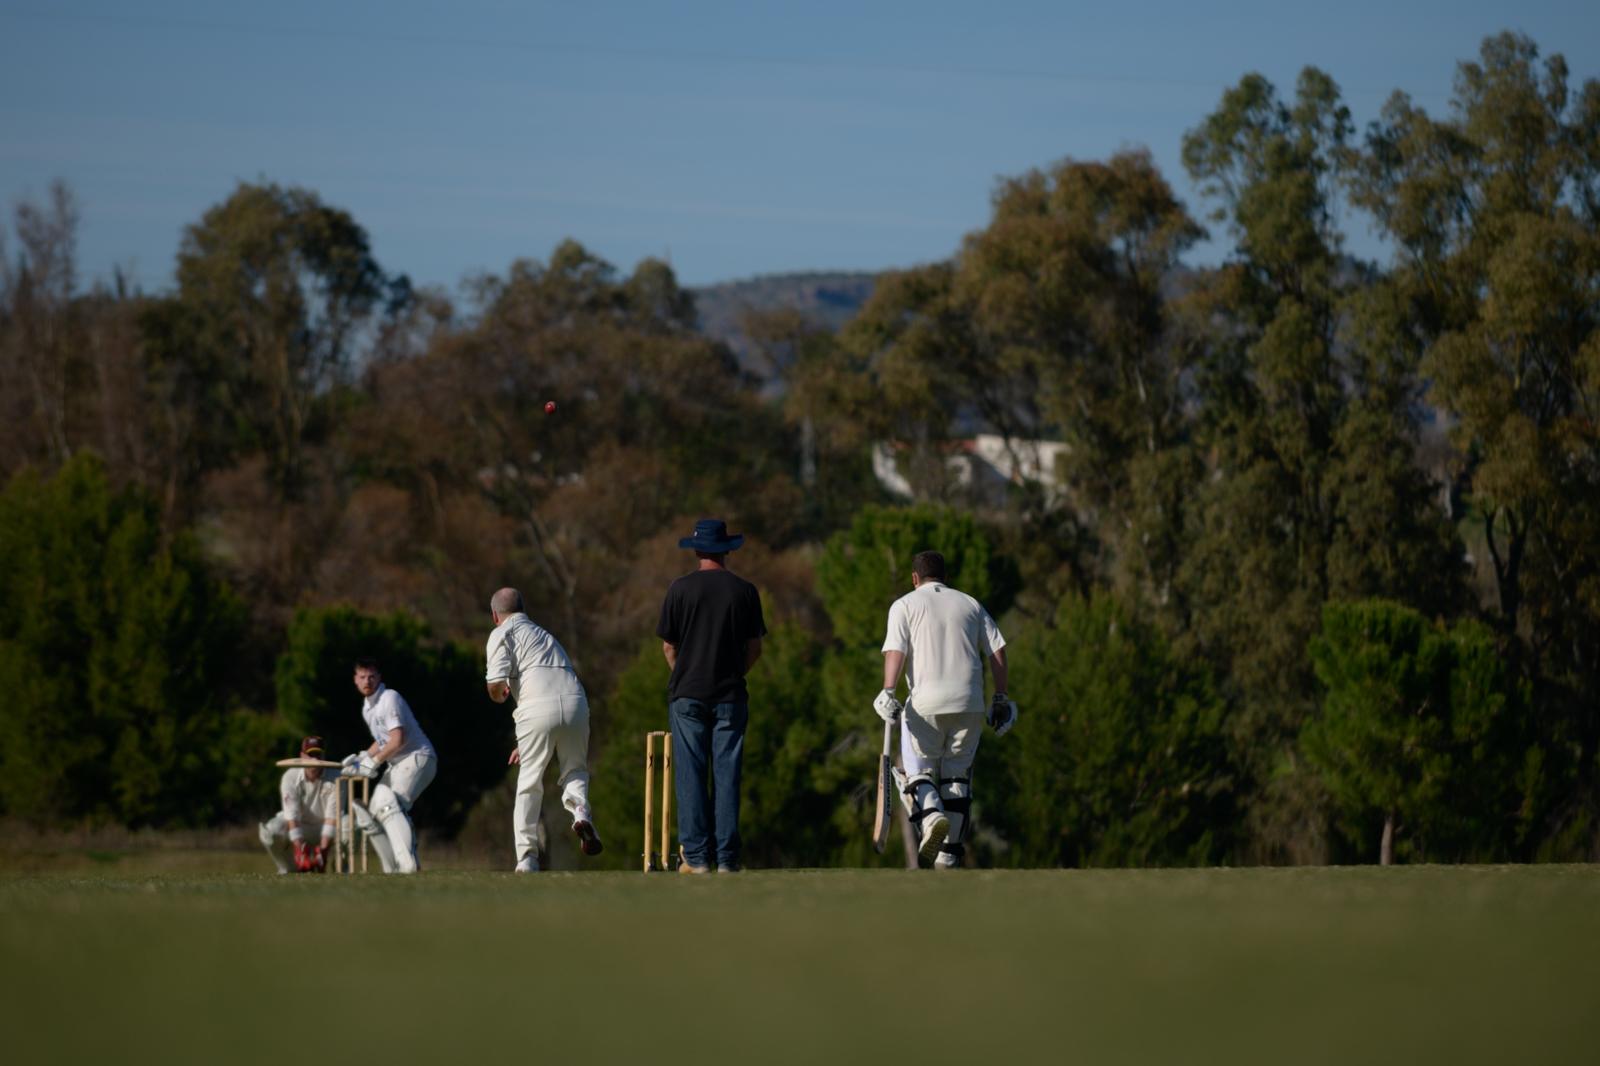 Cricket in Spain